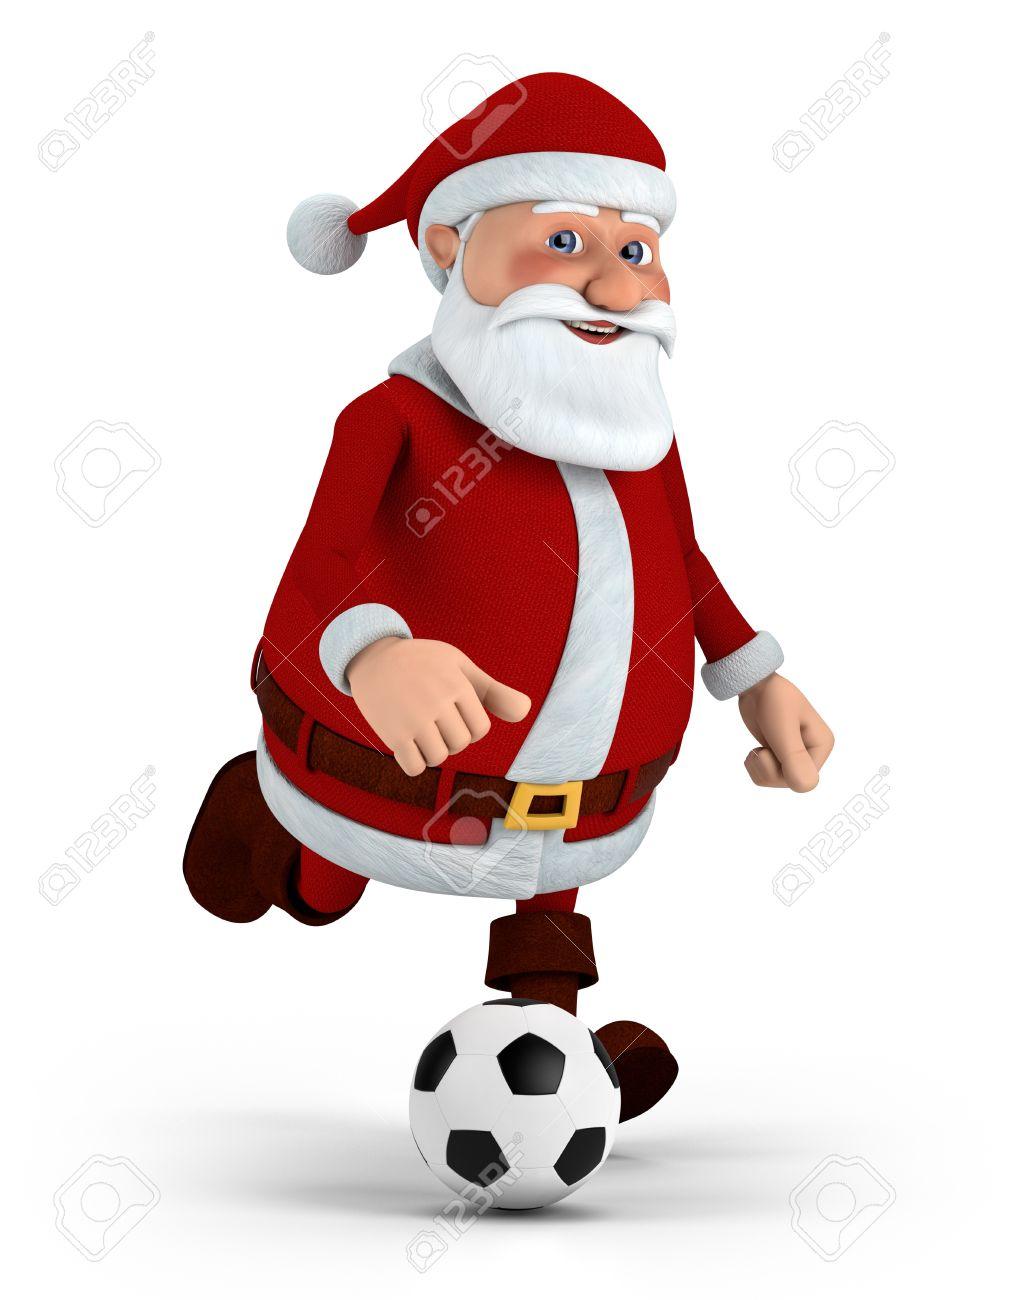 11299213-simpatico-cartone-animato-babbo-natale-giocare-a-calcio-illustrazione-3d-di-alta-qualità